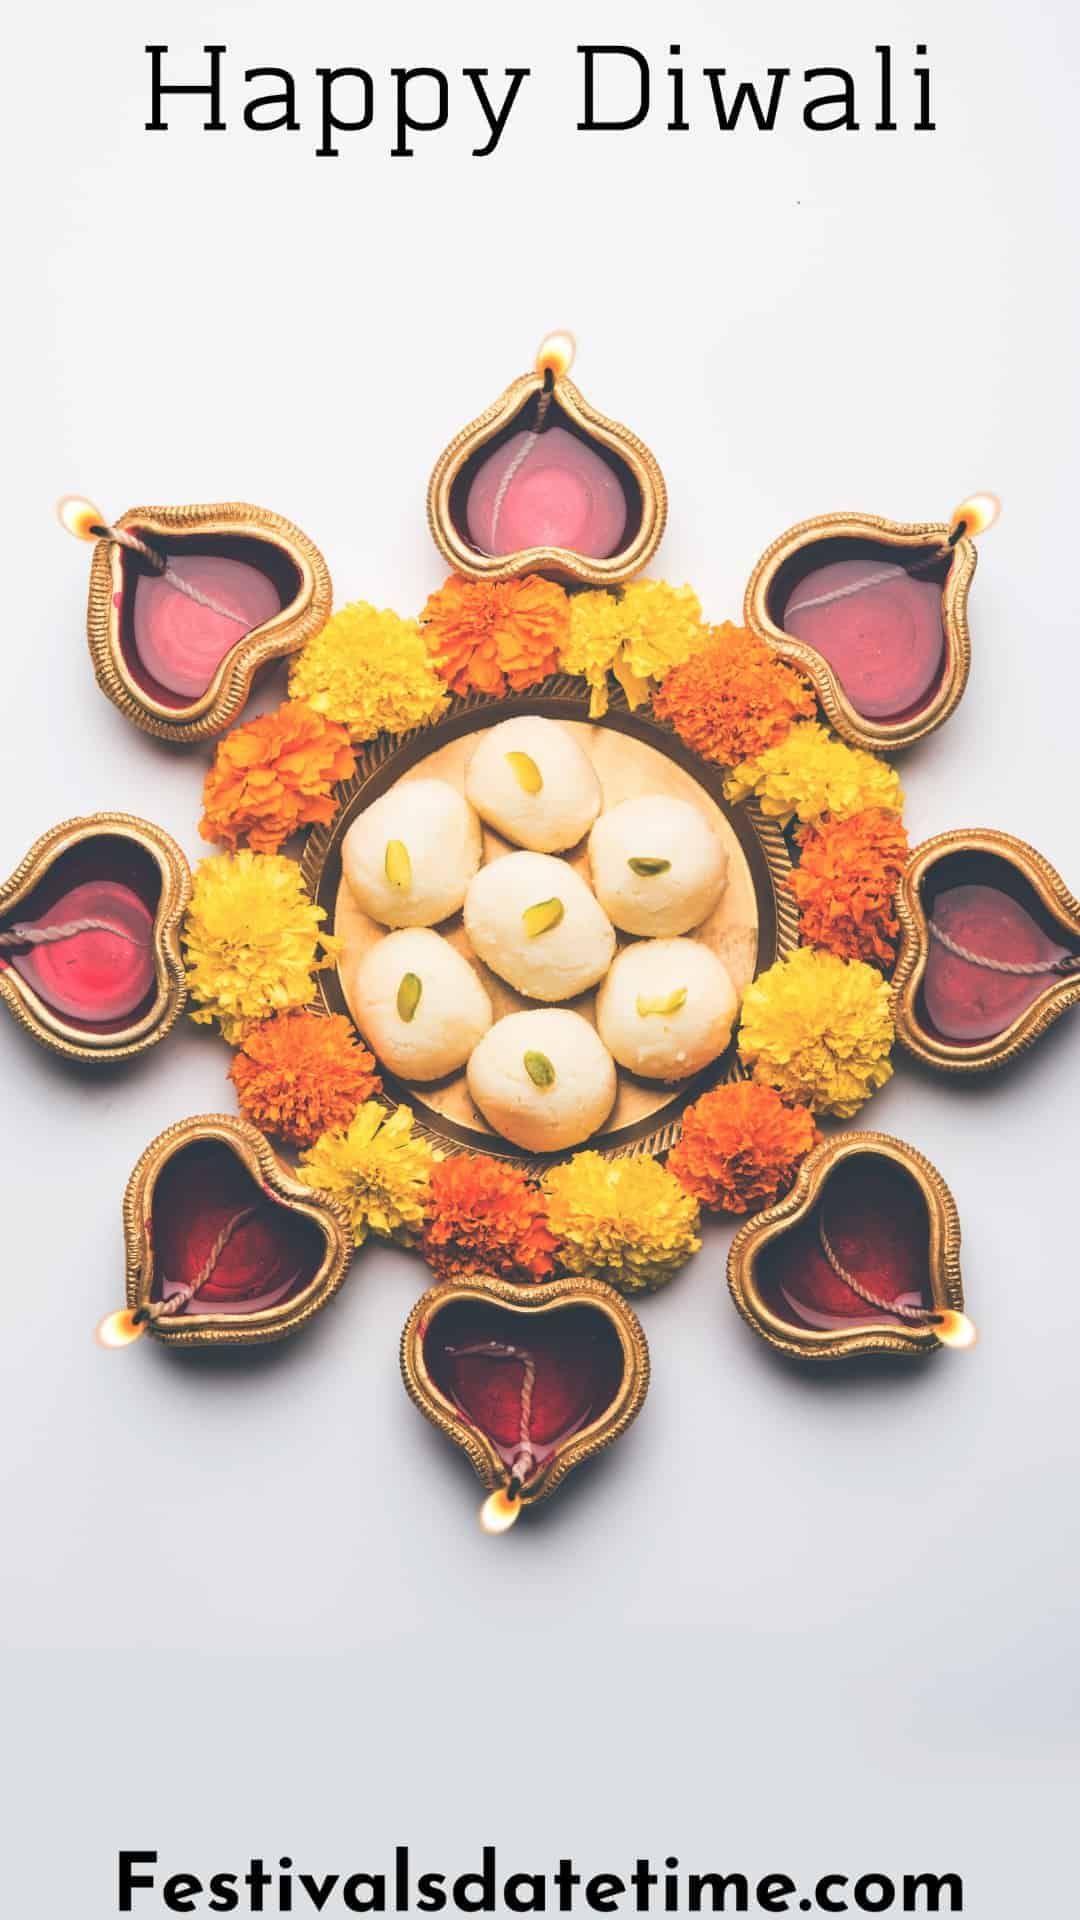 Diwali 2020 Wallpapers Download in 2020 Diwali wallpaper